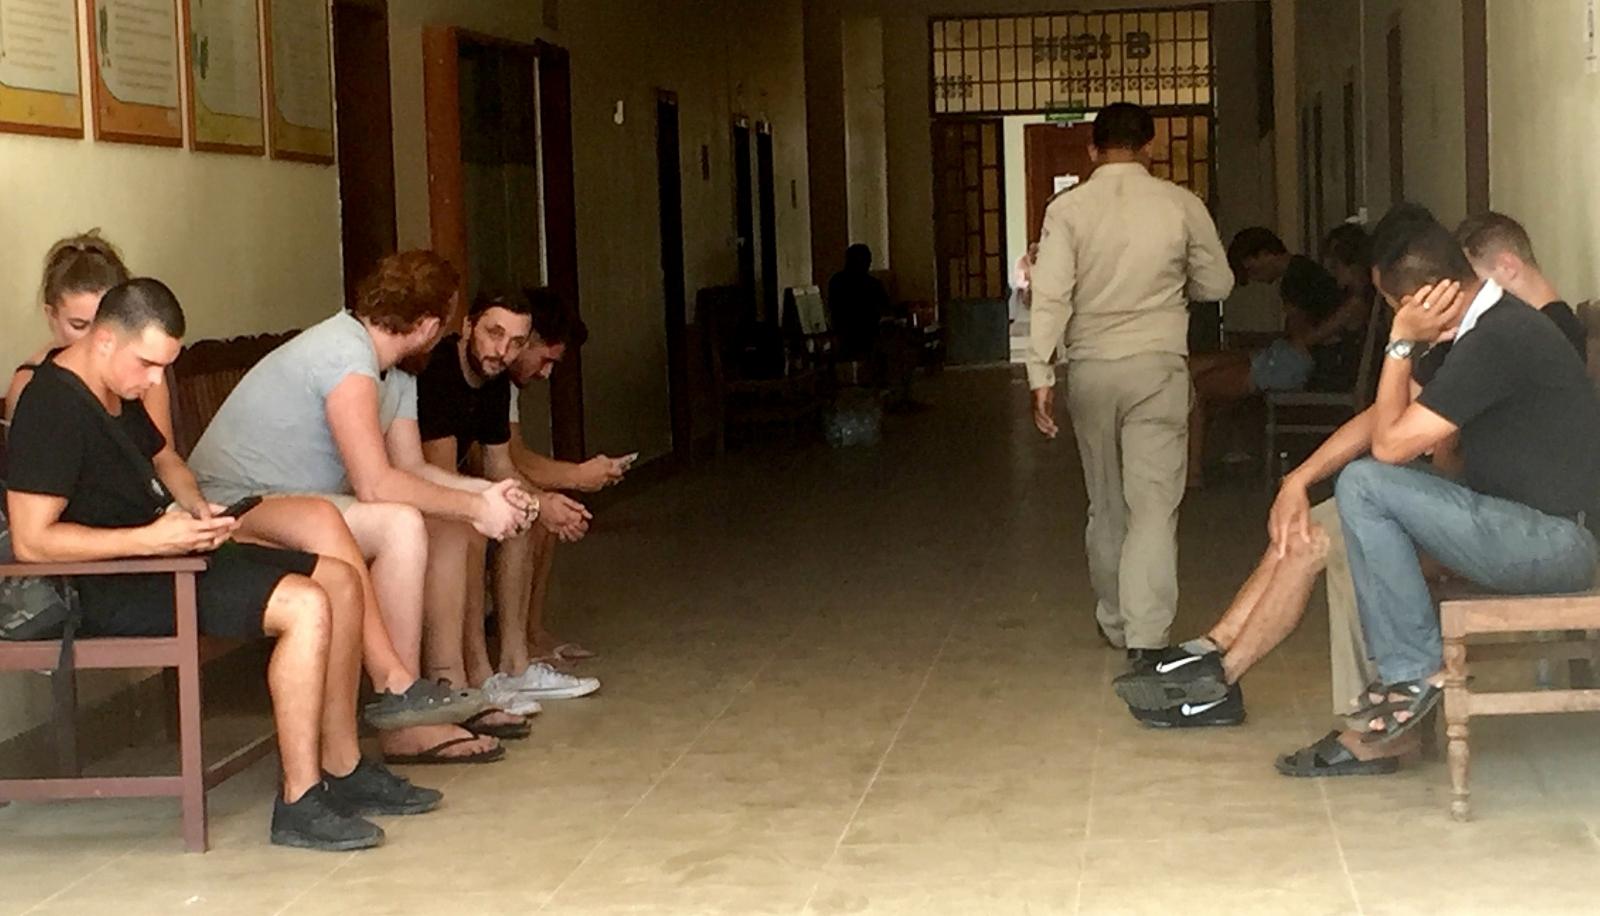 Cambodia arrest